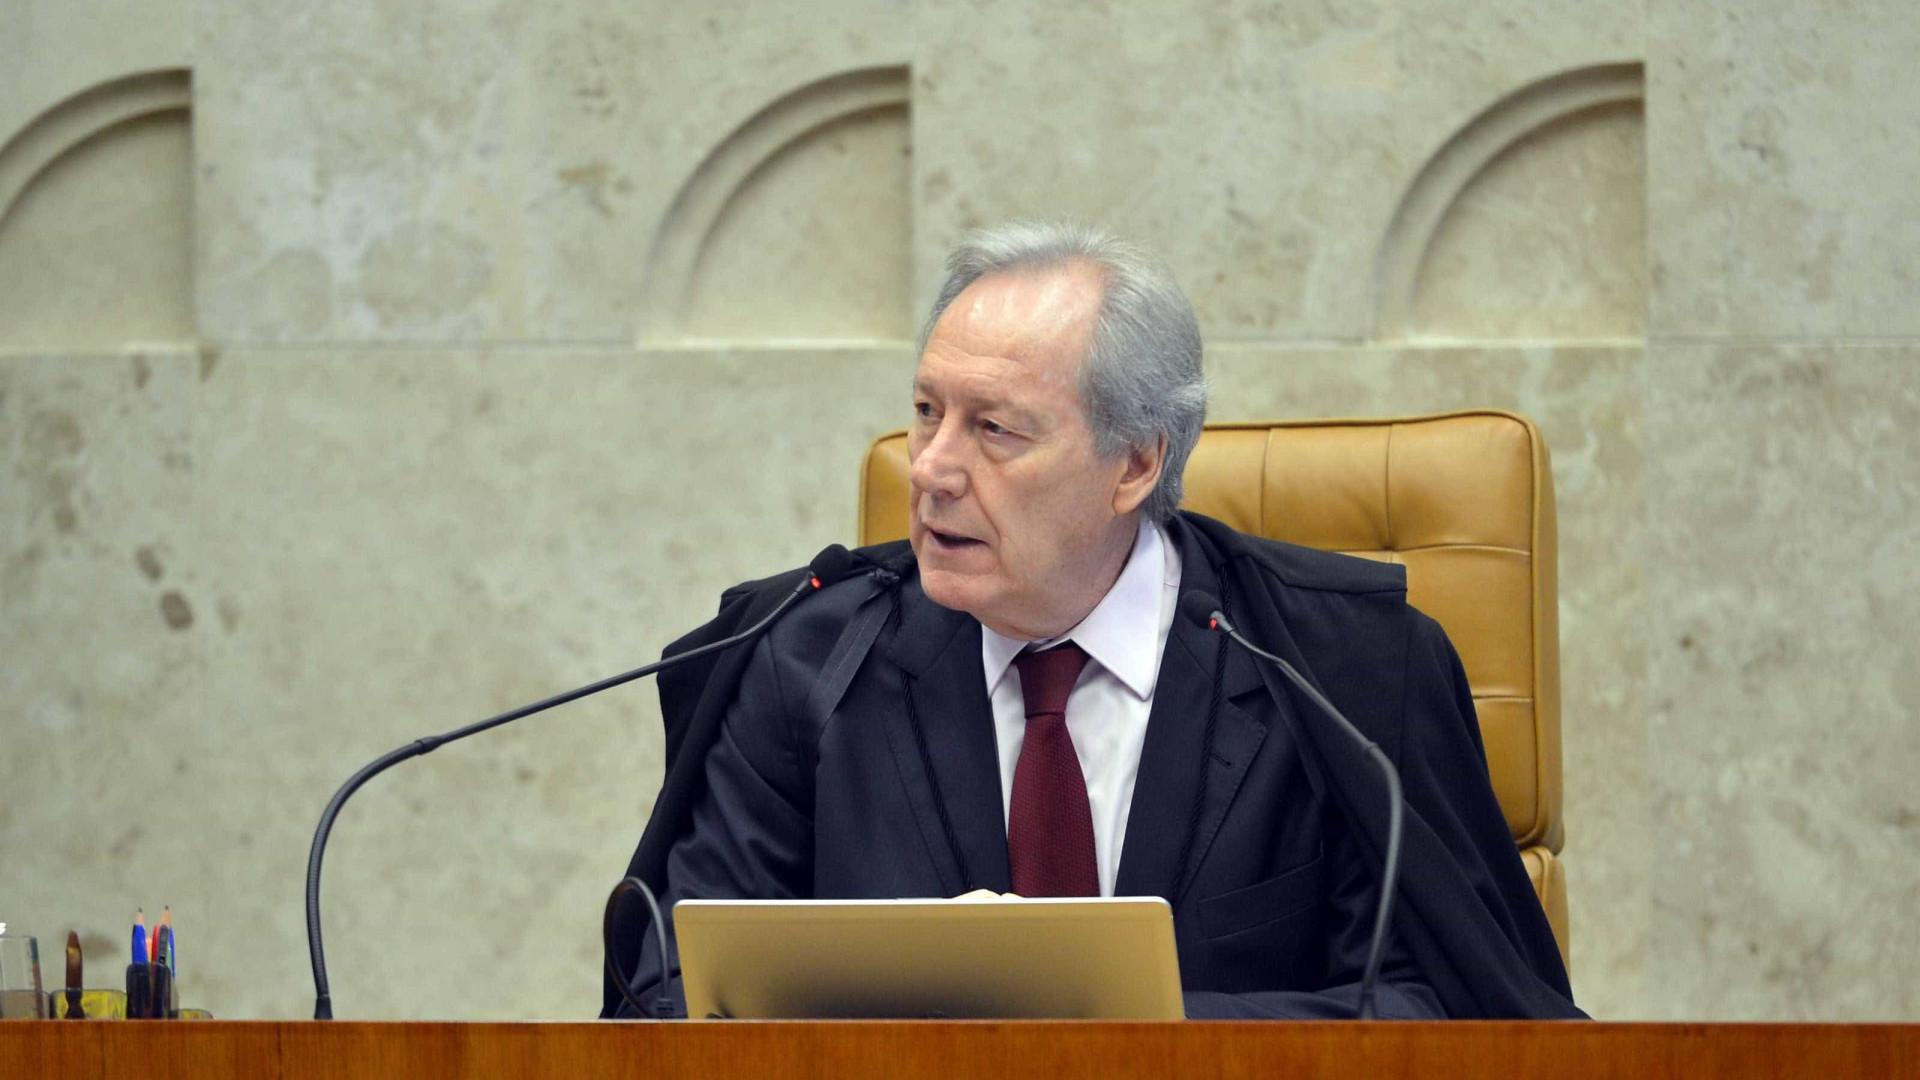 Ministro não levará a plenário prisão na 2ª instância e complica Lula